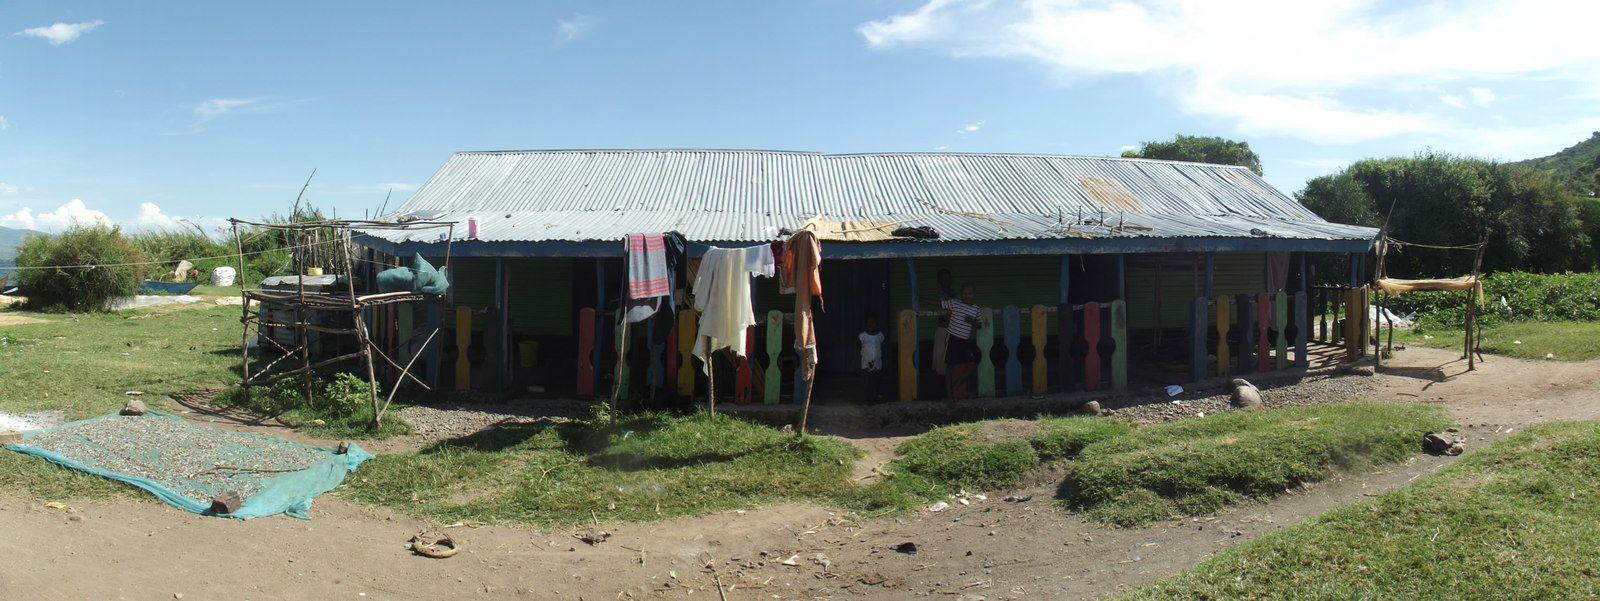 Mfangano Island, Jour 4